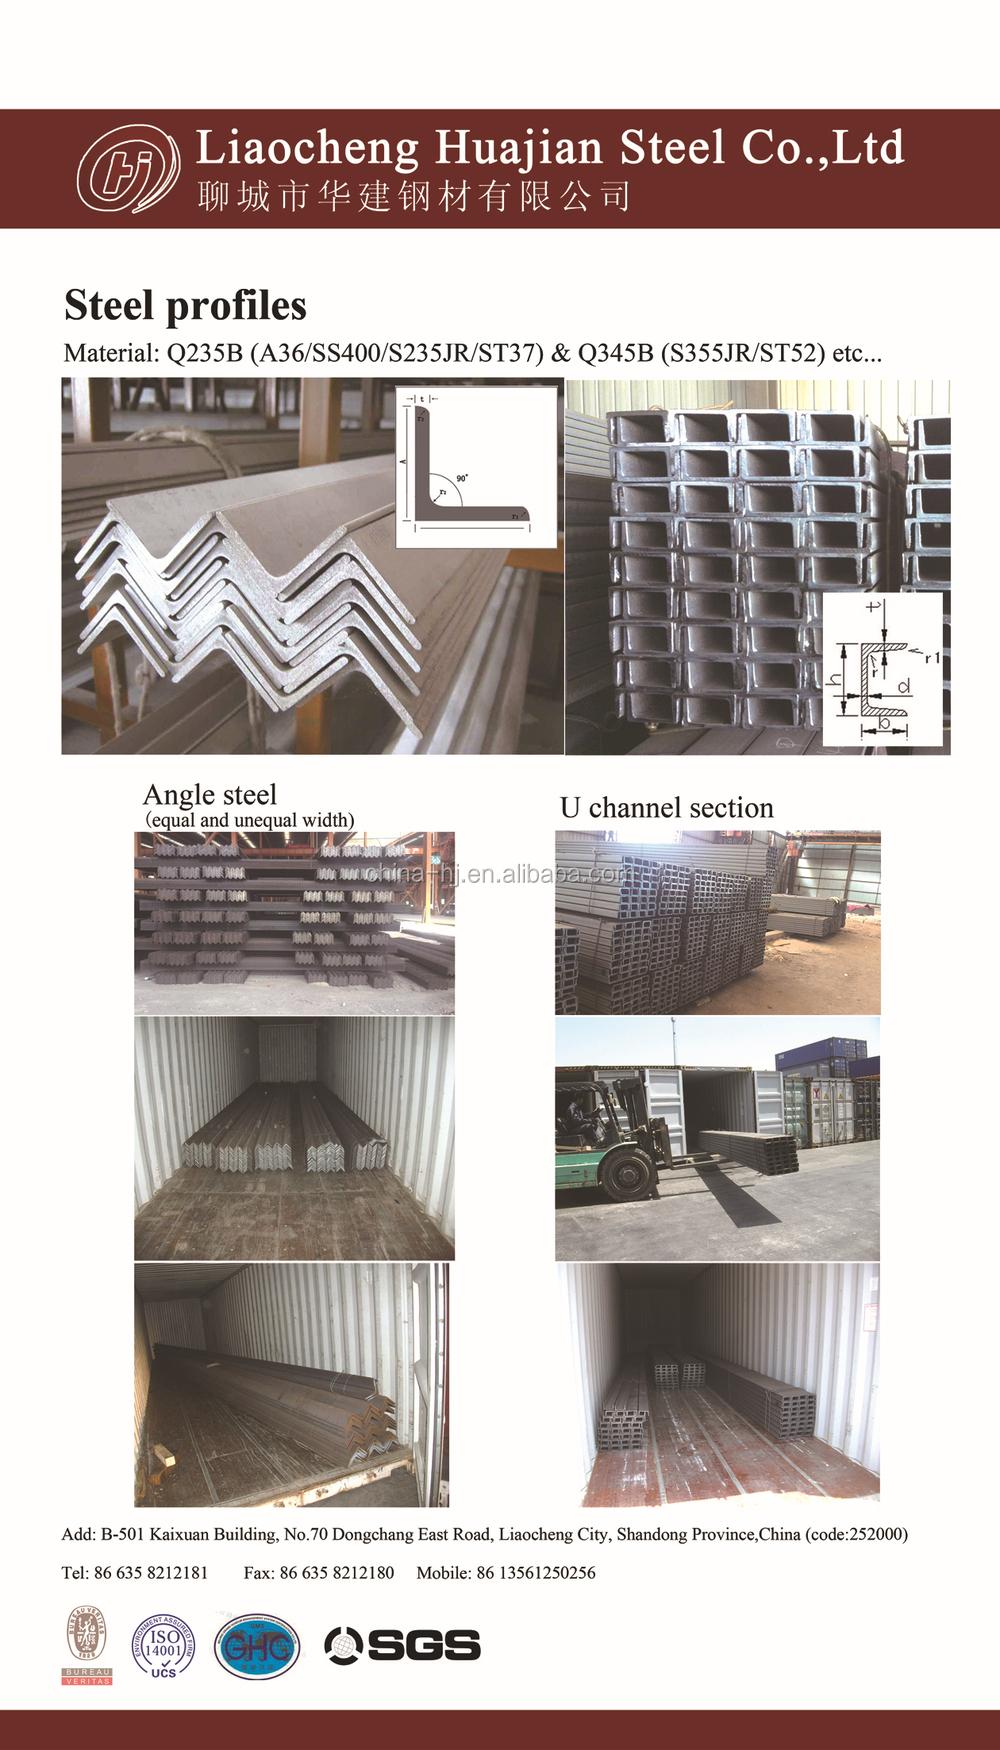 Laminados a quente igual ângulo de aço ferro peso preço por tonelada Q235B SS400 ST37 material